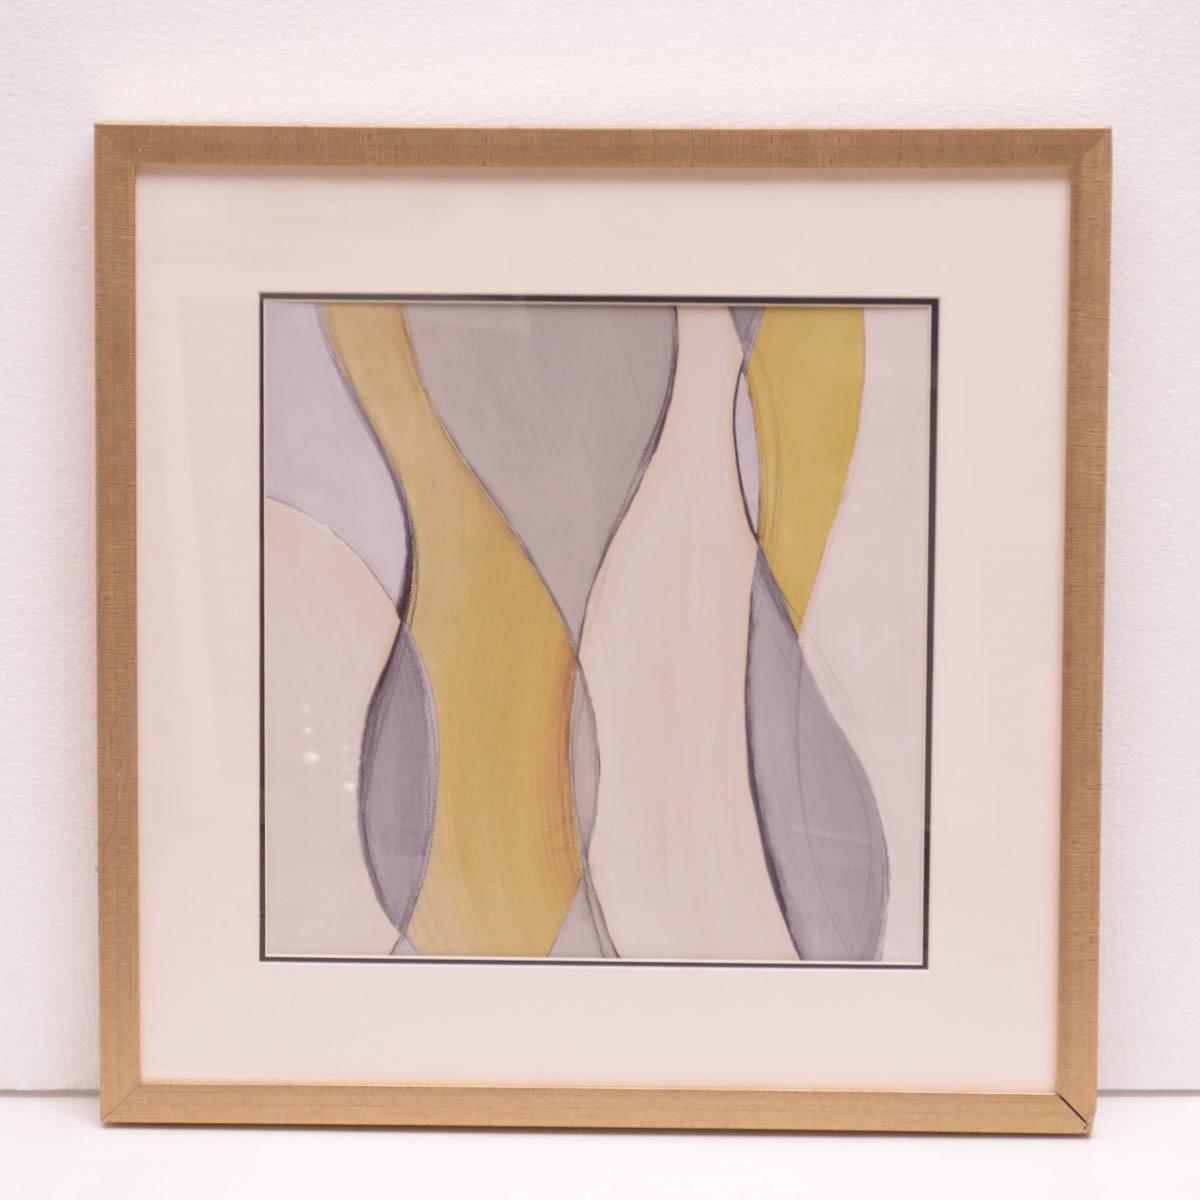 Cuadro Figura gris dorada